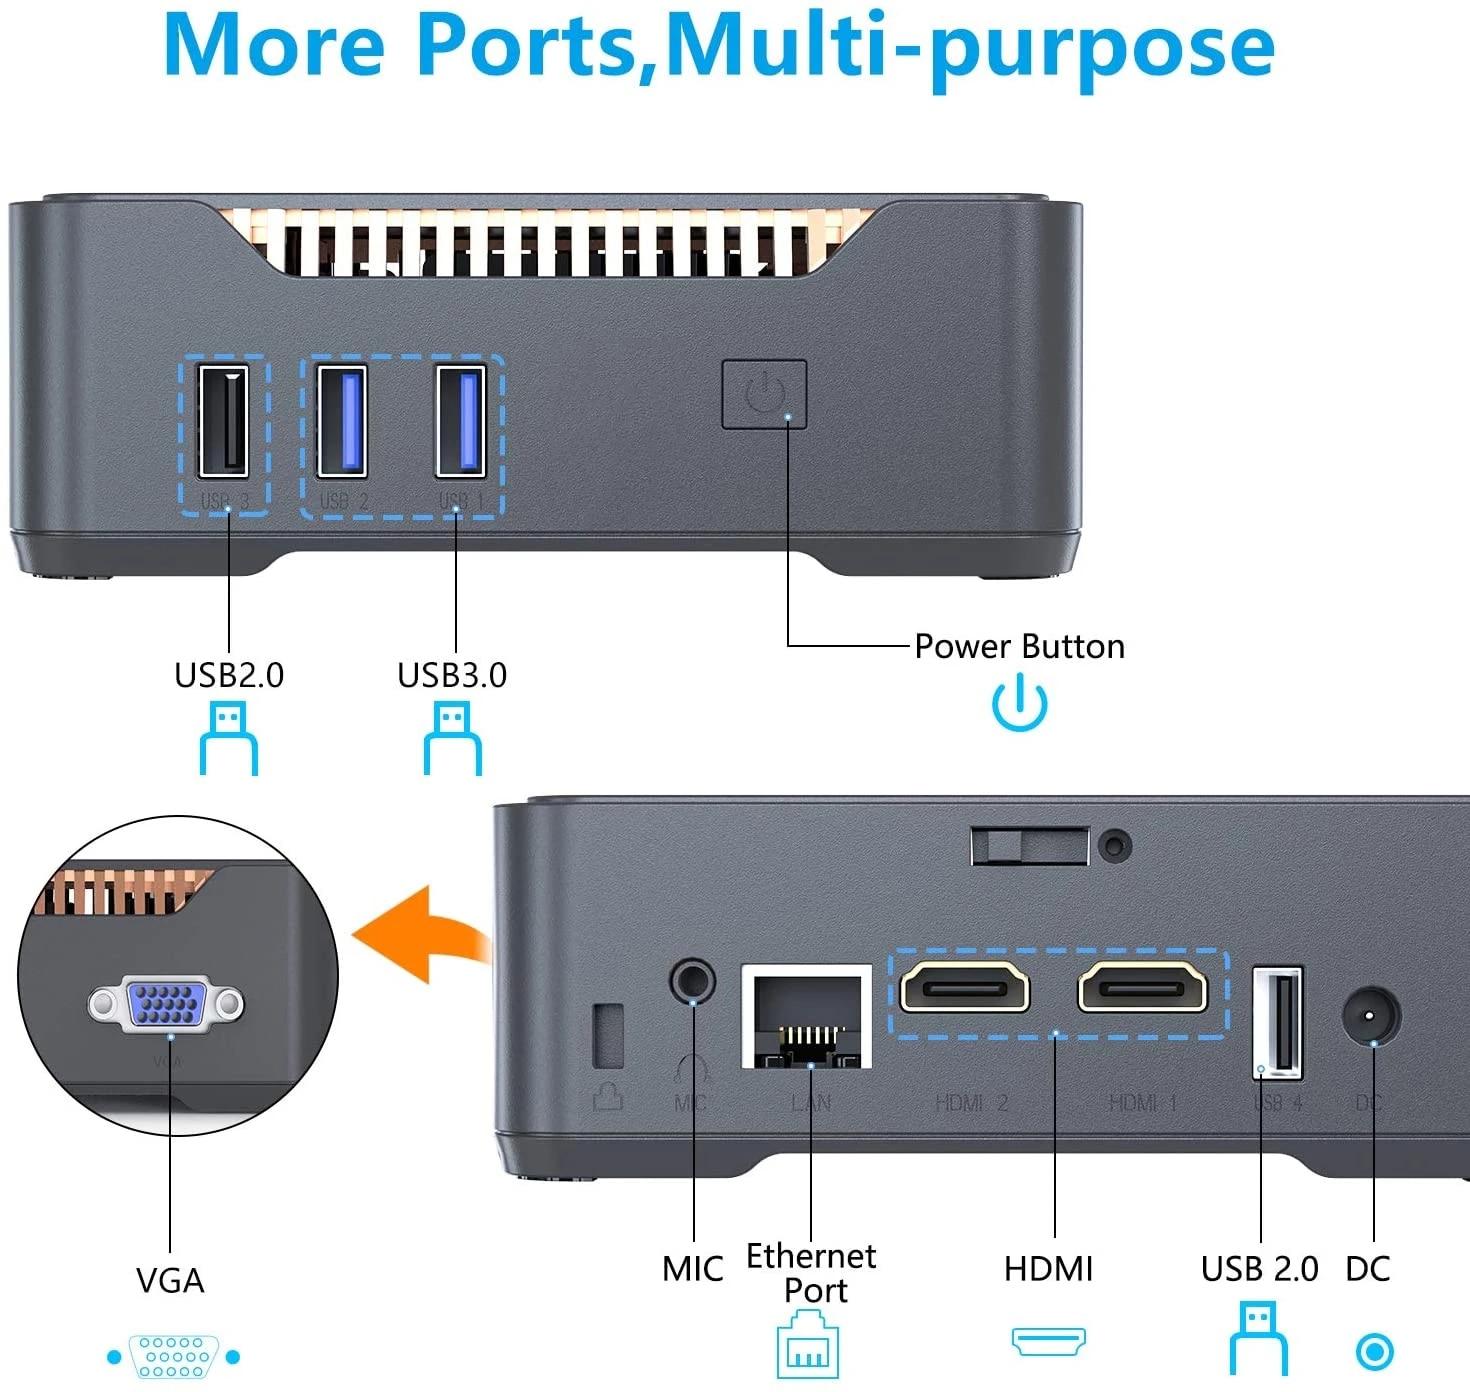 GK3V Windows 10 Pro Key Mini PC Intel Gemini Lake J4125 8GB DDR4 128GB 256GB 512GB SSD Gaming PC 2.4G5G WiFi 1000M Mini Computer 5